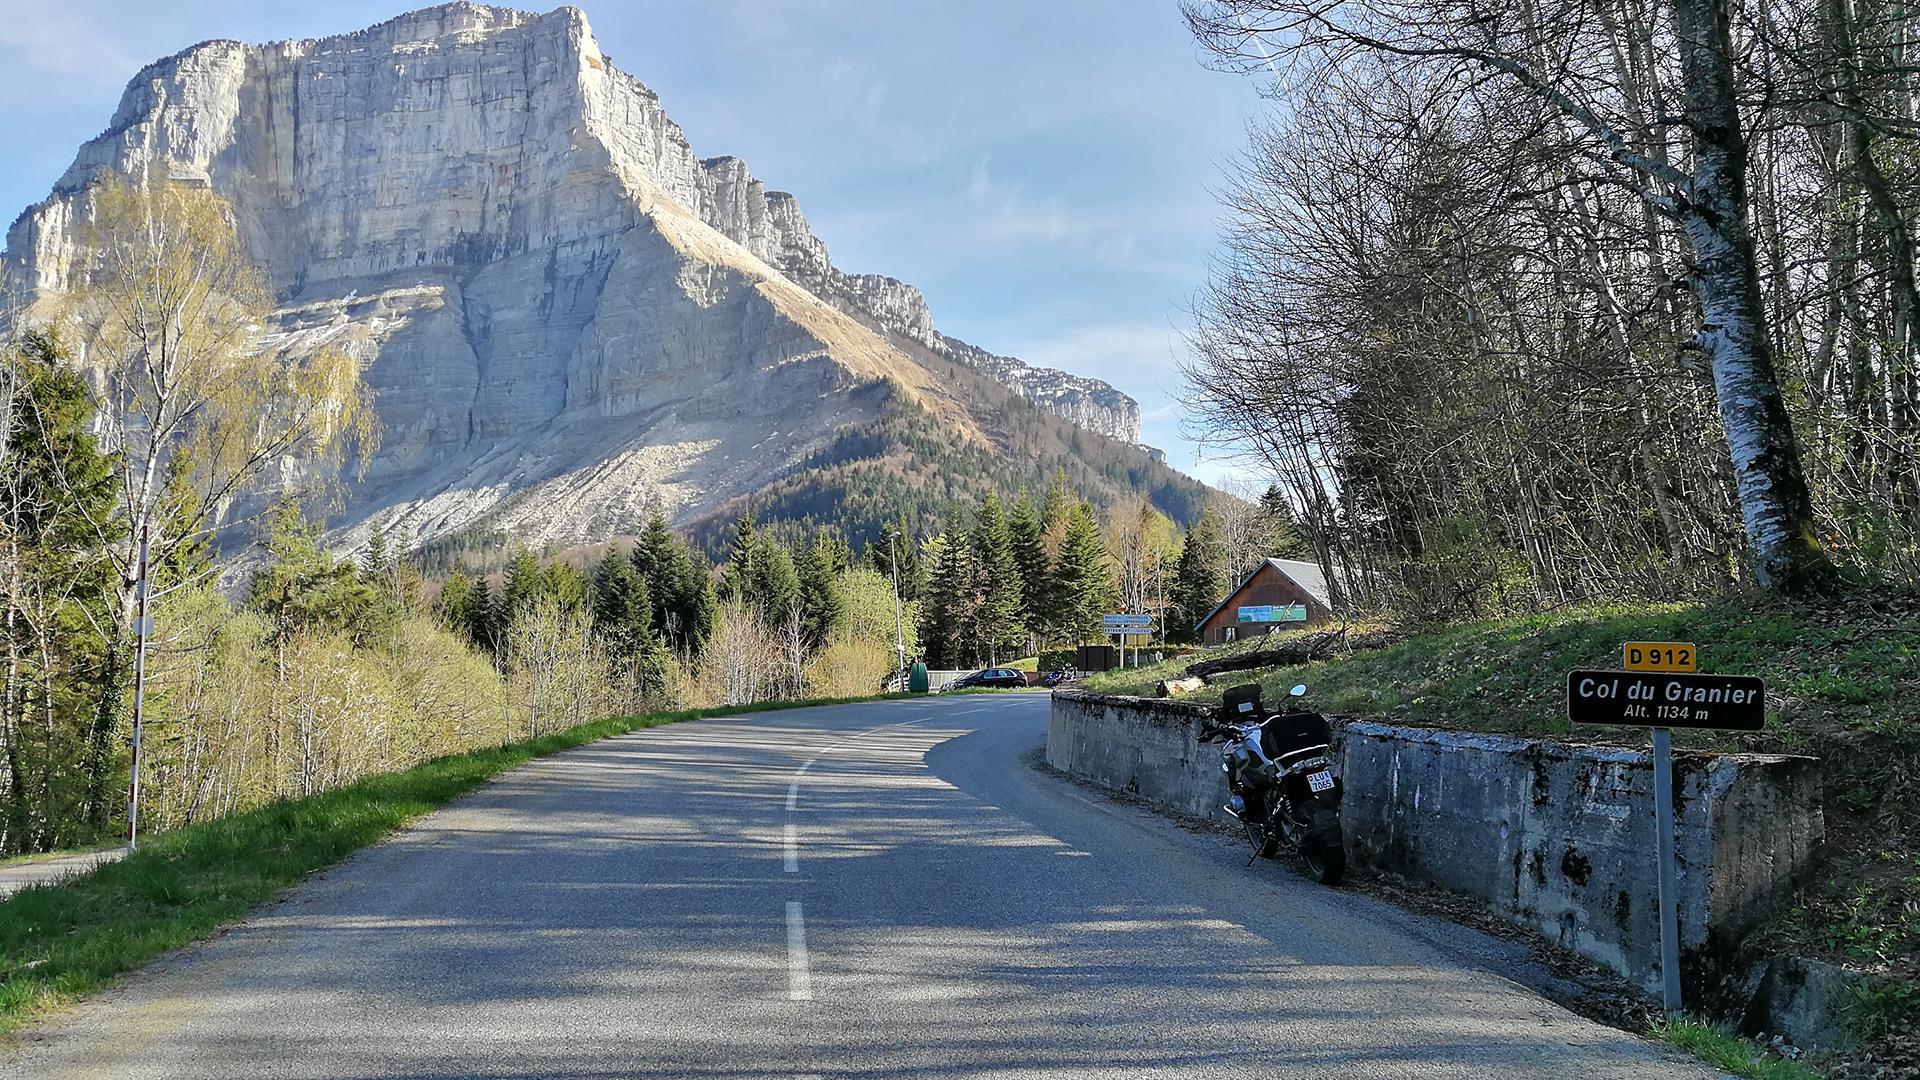 1134 - F - Col du Granier